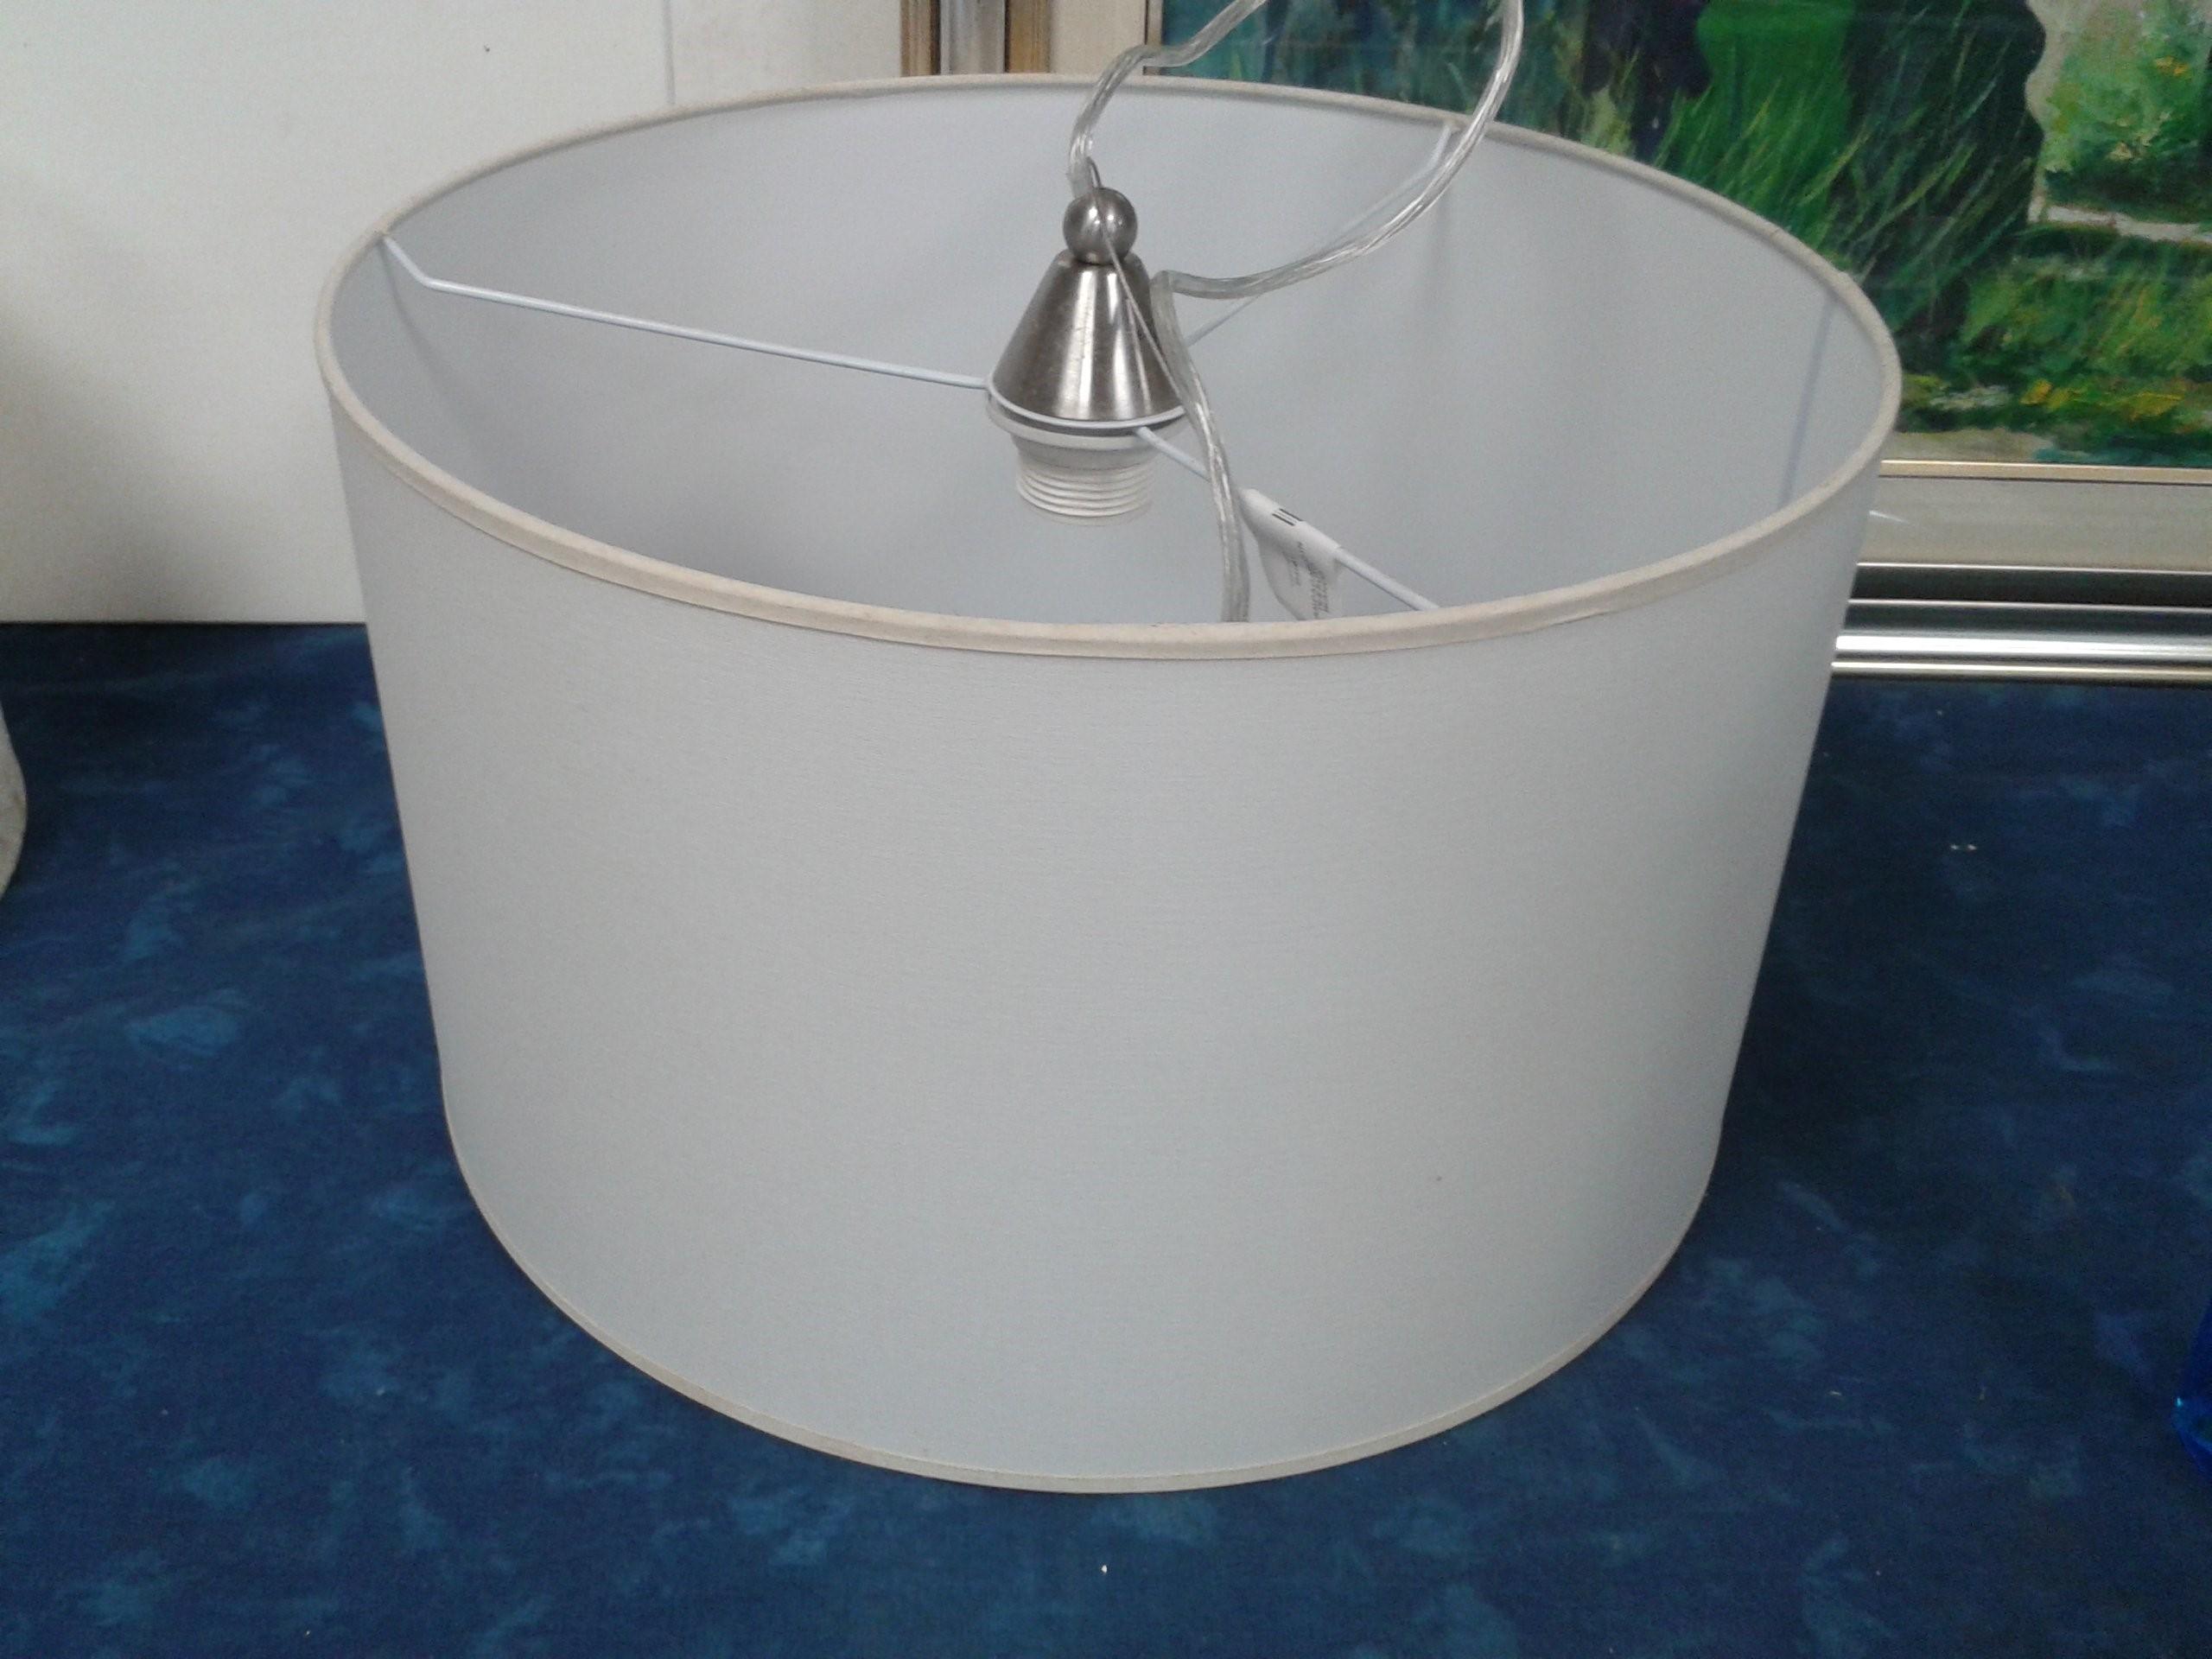 Lampadario Bianco Opaco : Catanzaro lampadario in tessuto bianco mercatino dell usato portobello